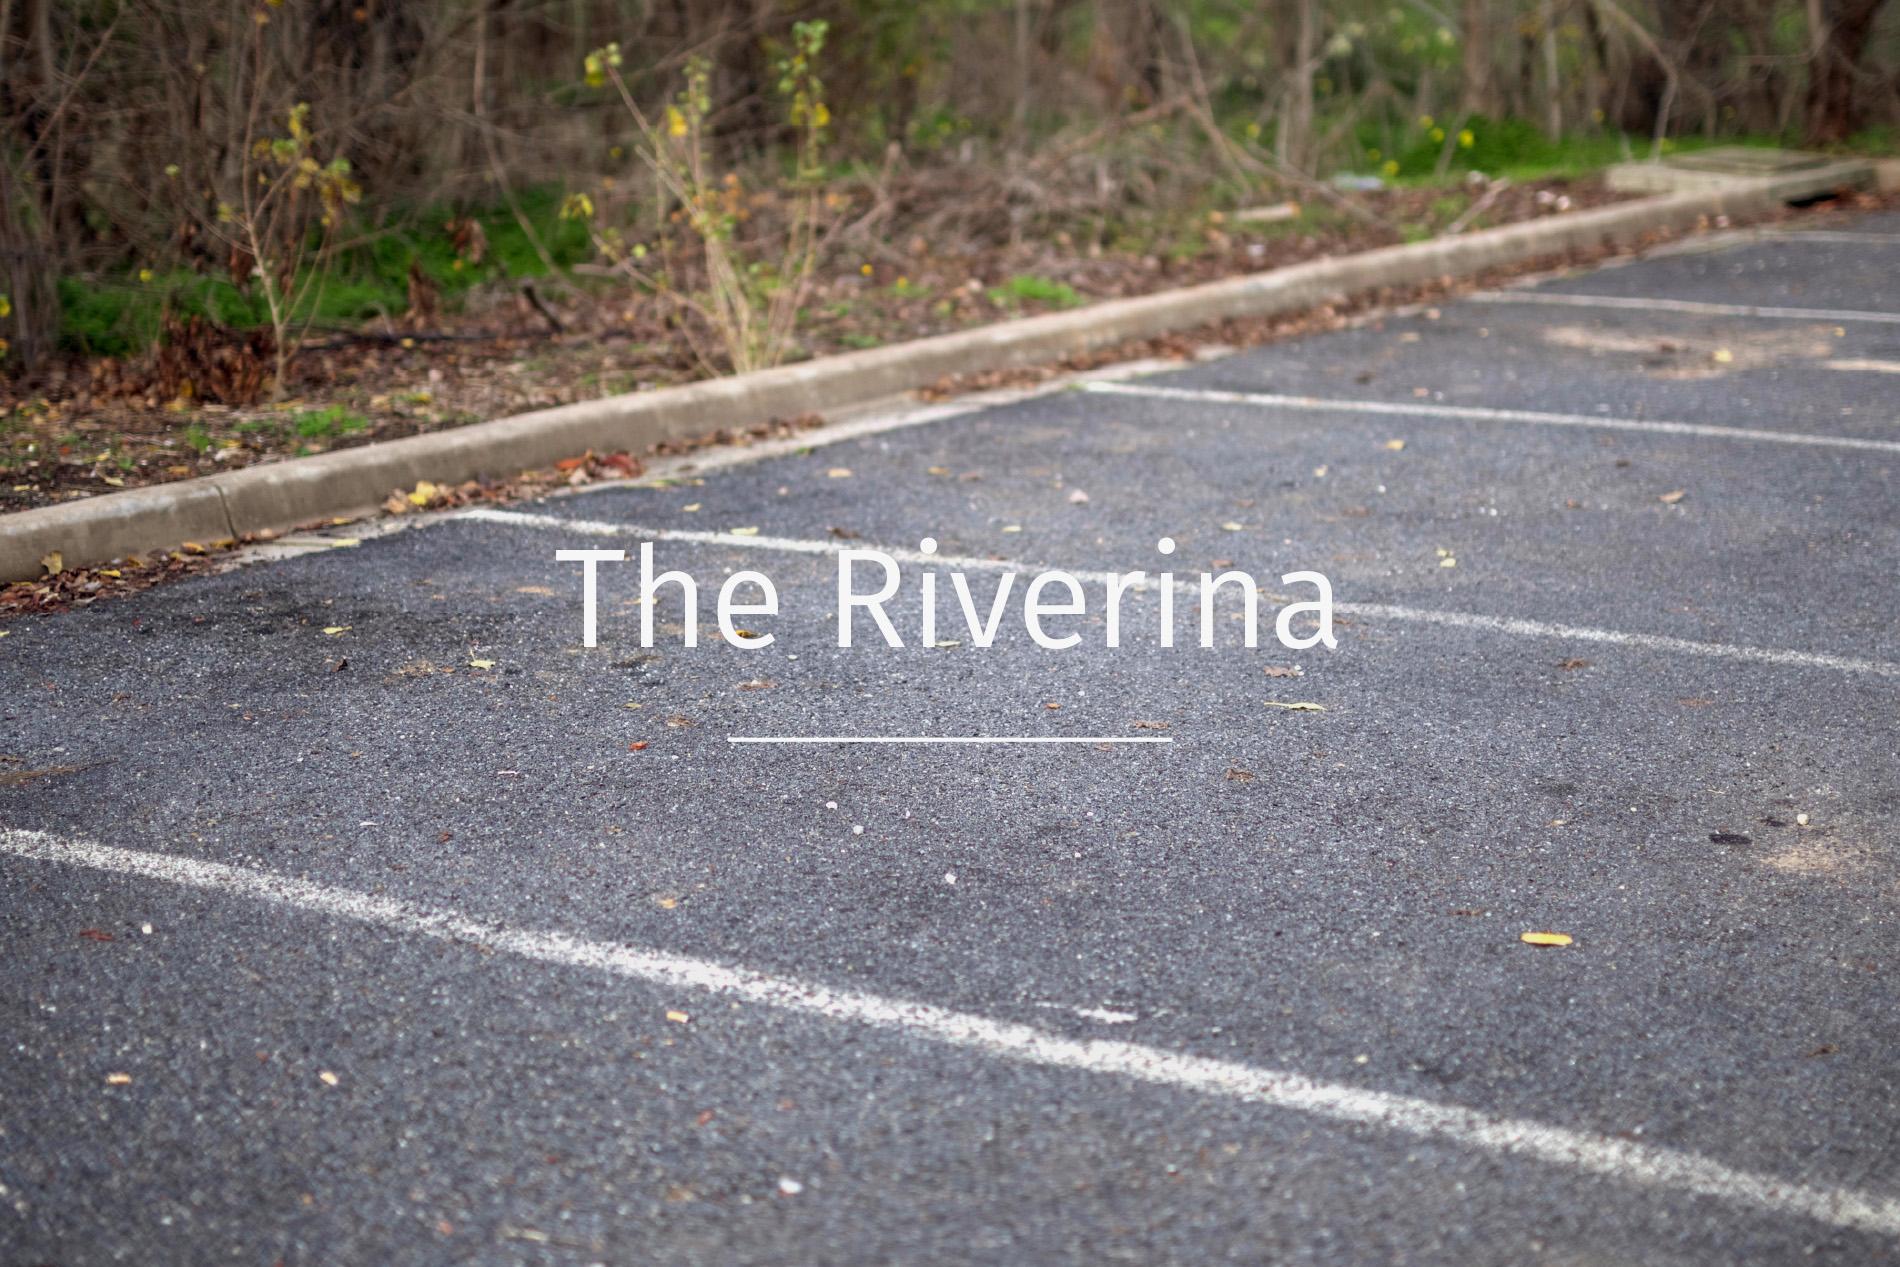 The riverina